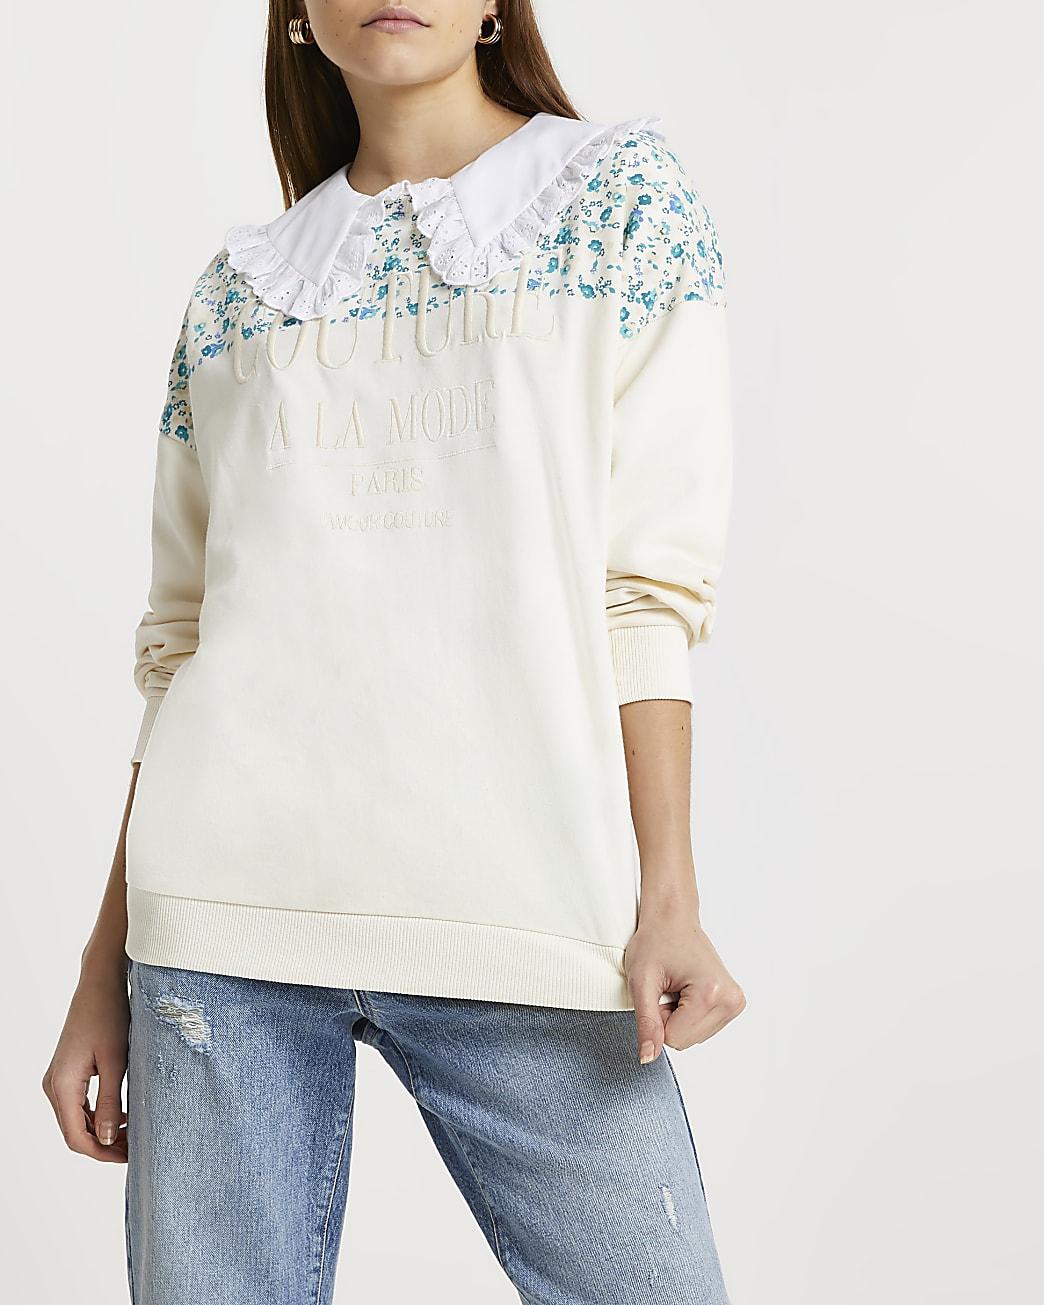 Cream RI couture floral block sweatshirt